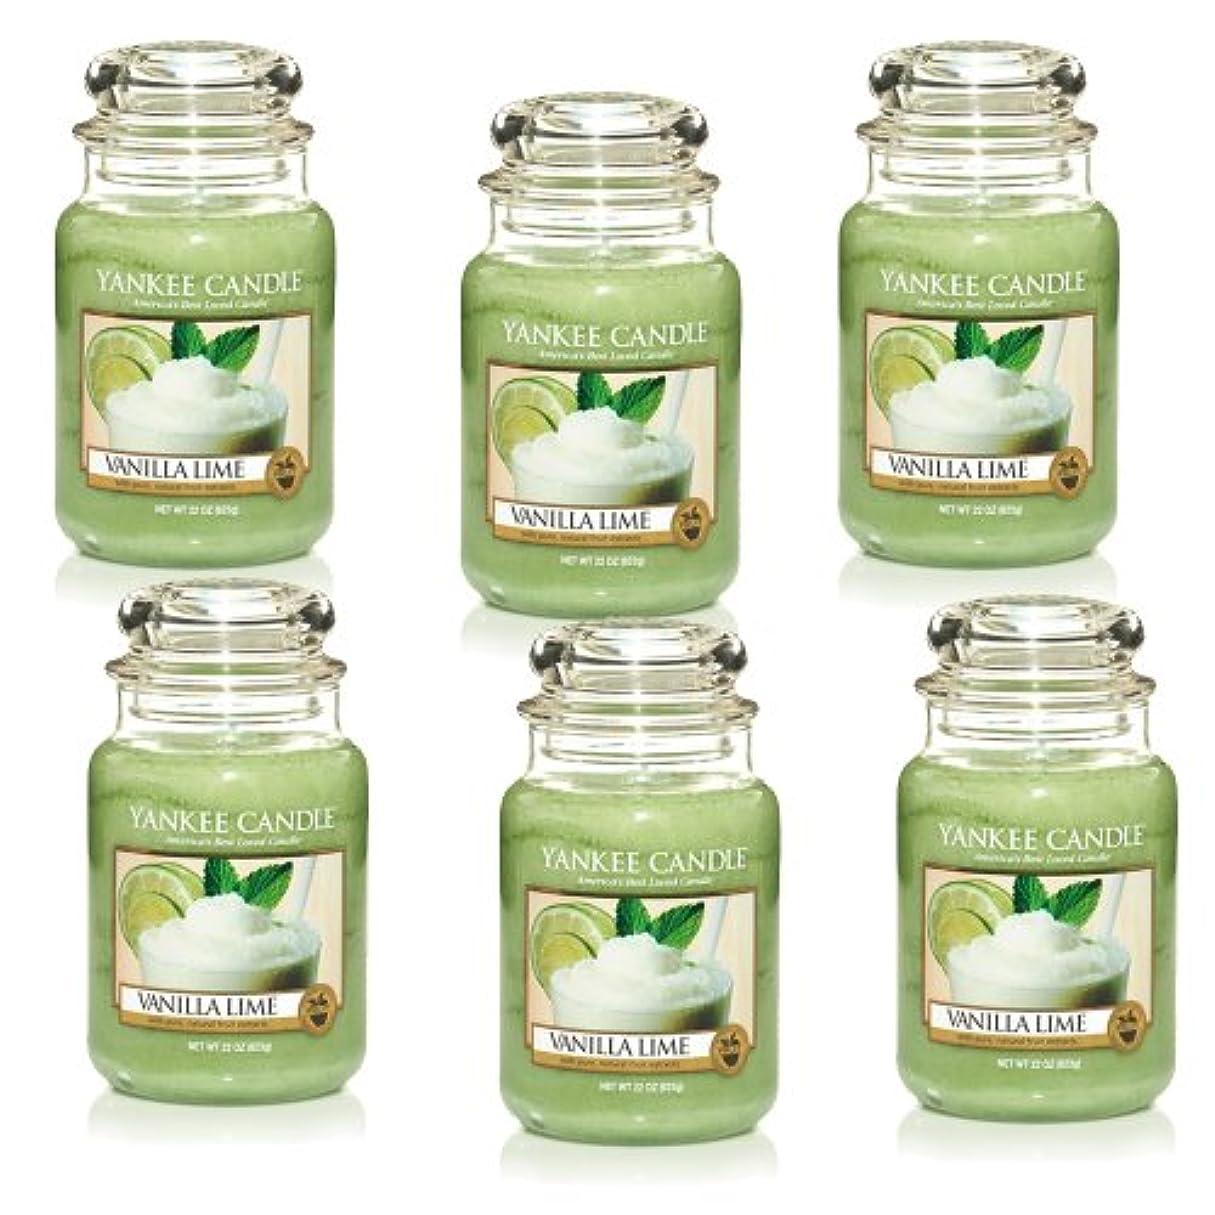 収入子供時代カブYankee CandleバニラライムLarge Jar 22oz Candle Set of 6 1106730X6